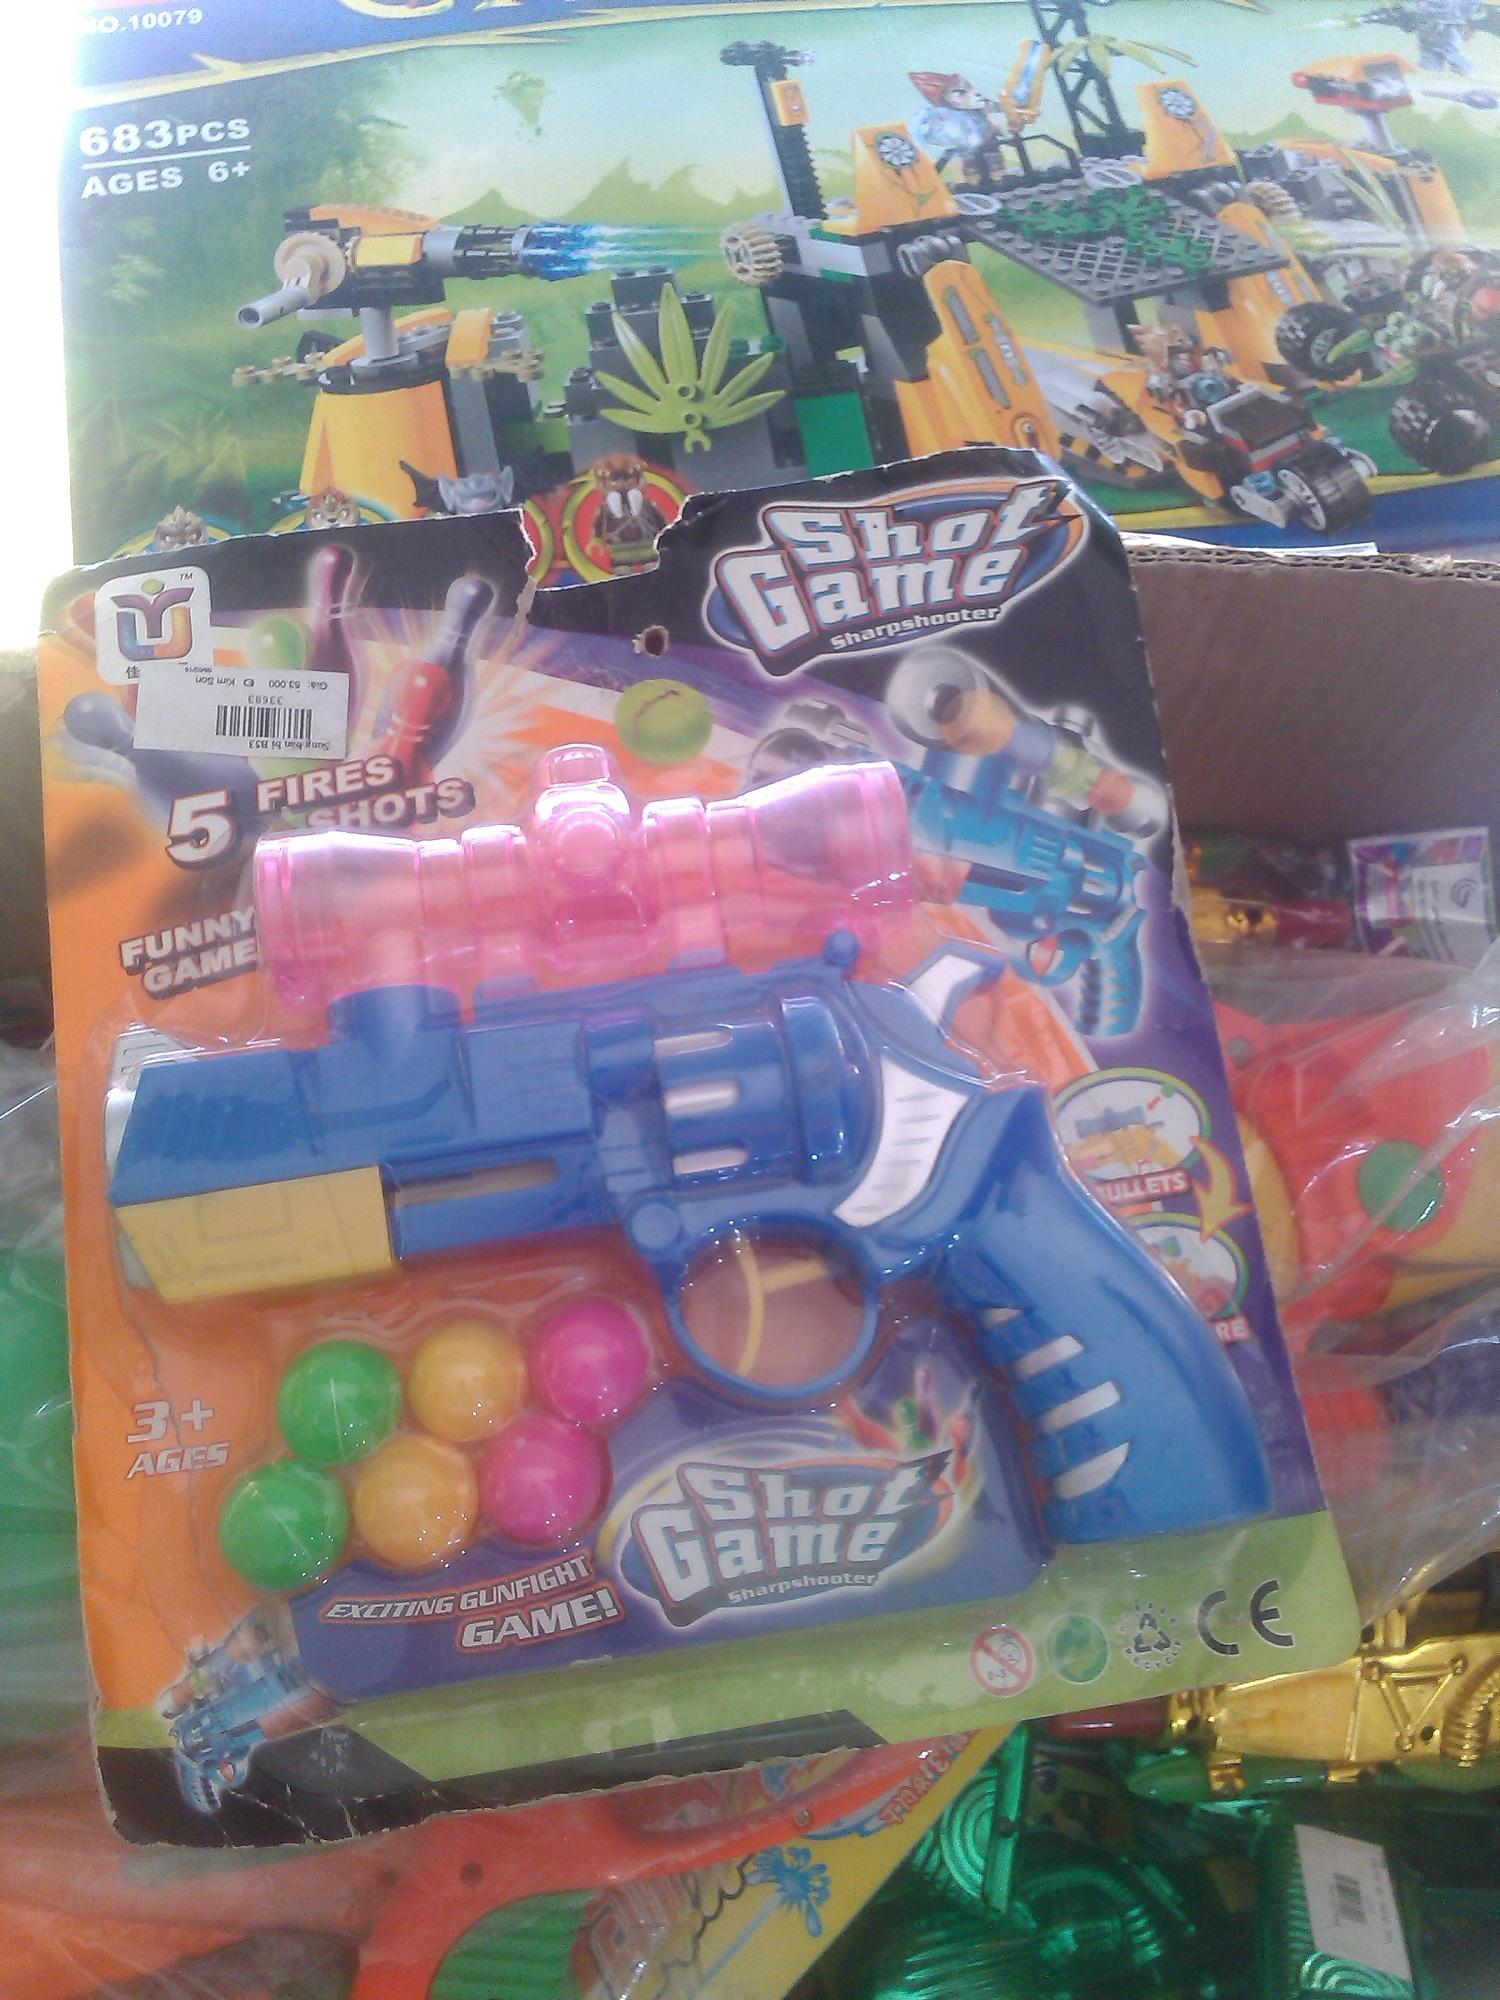 Đồ chơi trẻ em bạo lực gồm súng đạn nhựa, súng bắn bi, súng bắn nước... được cơ quan chức năng kiểm tra xử lý tại chỗ đối với nhà sách Tiến Thọ